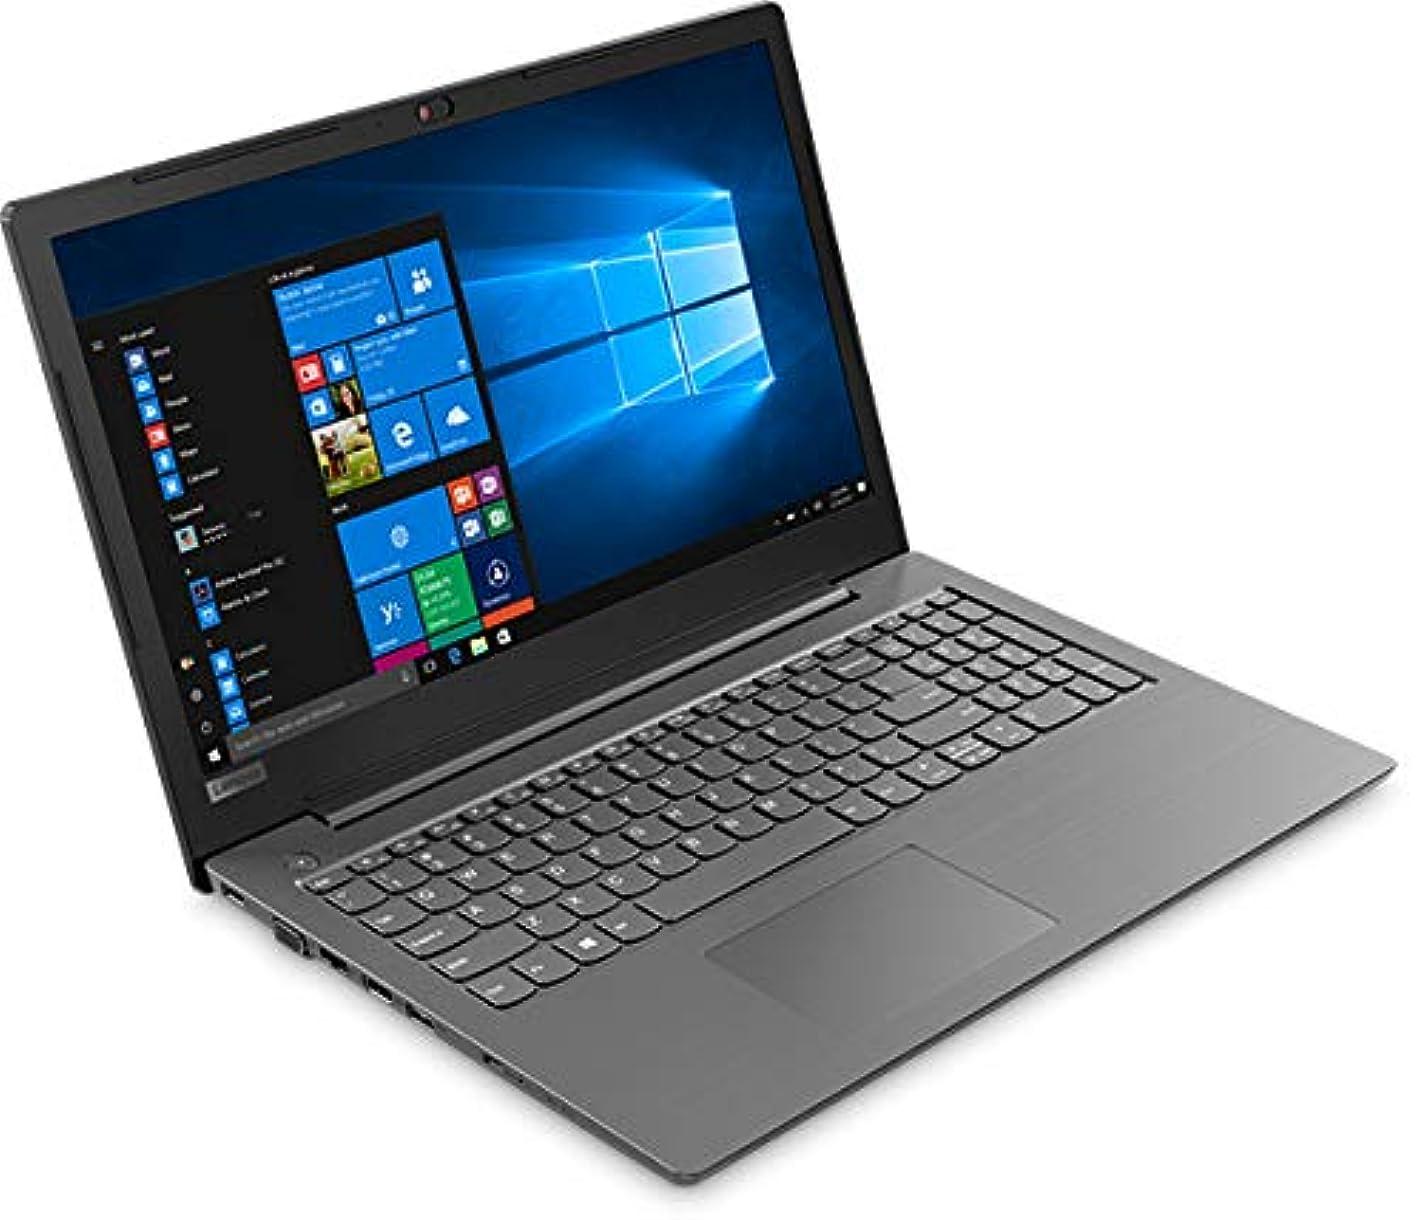 推進、動かす犯人りんごレノボ Lenovo V330 (Core i5-7200U 2.5GHz 8GB HDD500GB Windows 10 Pro 64bit) 81AX00VAJP